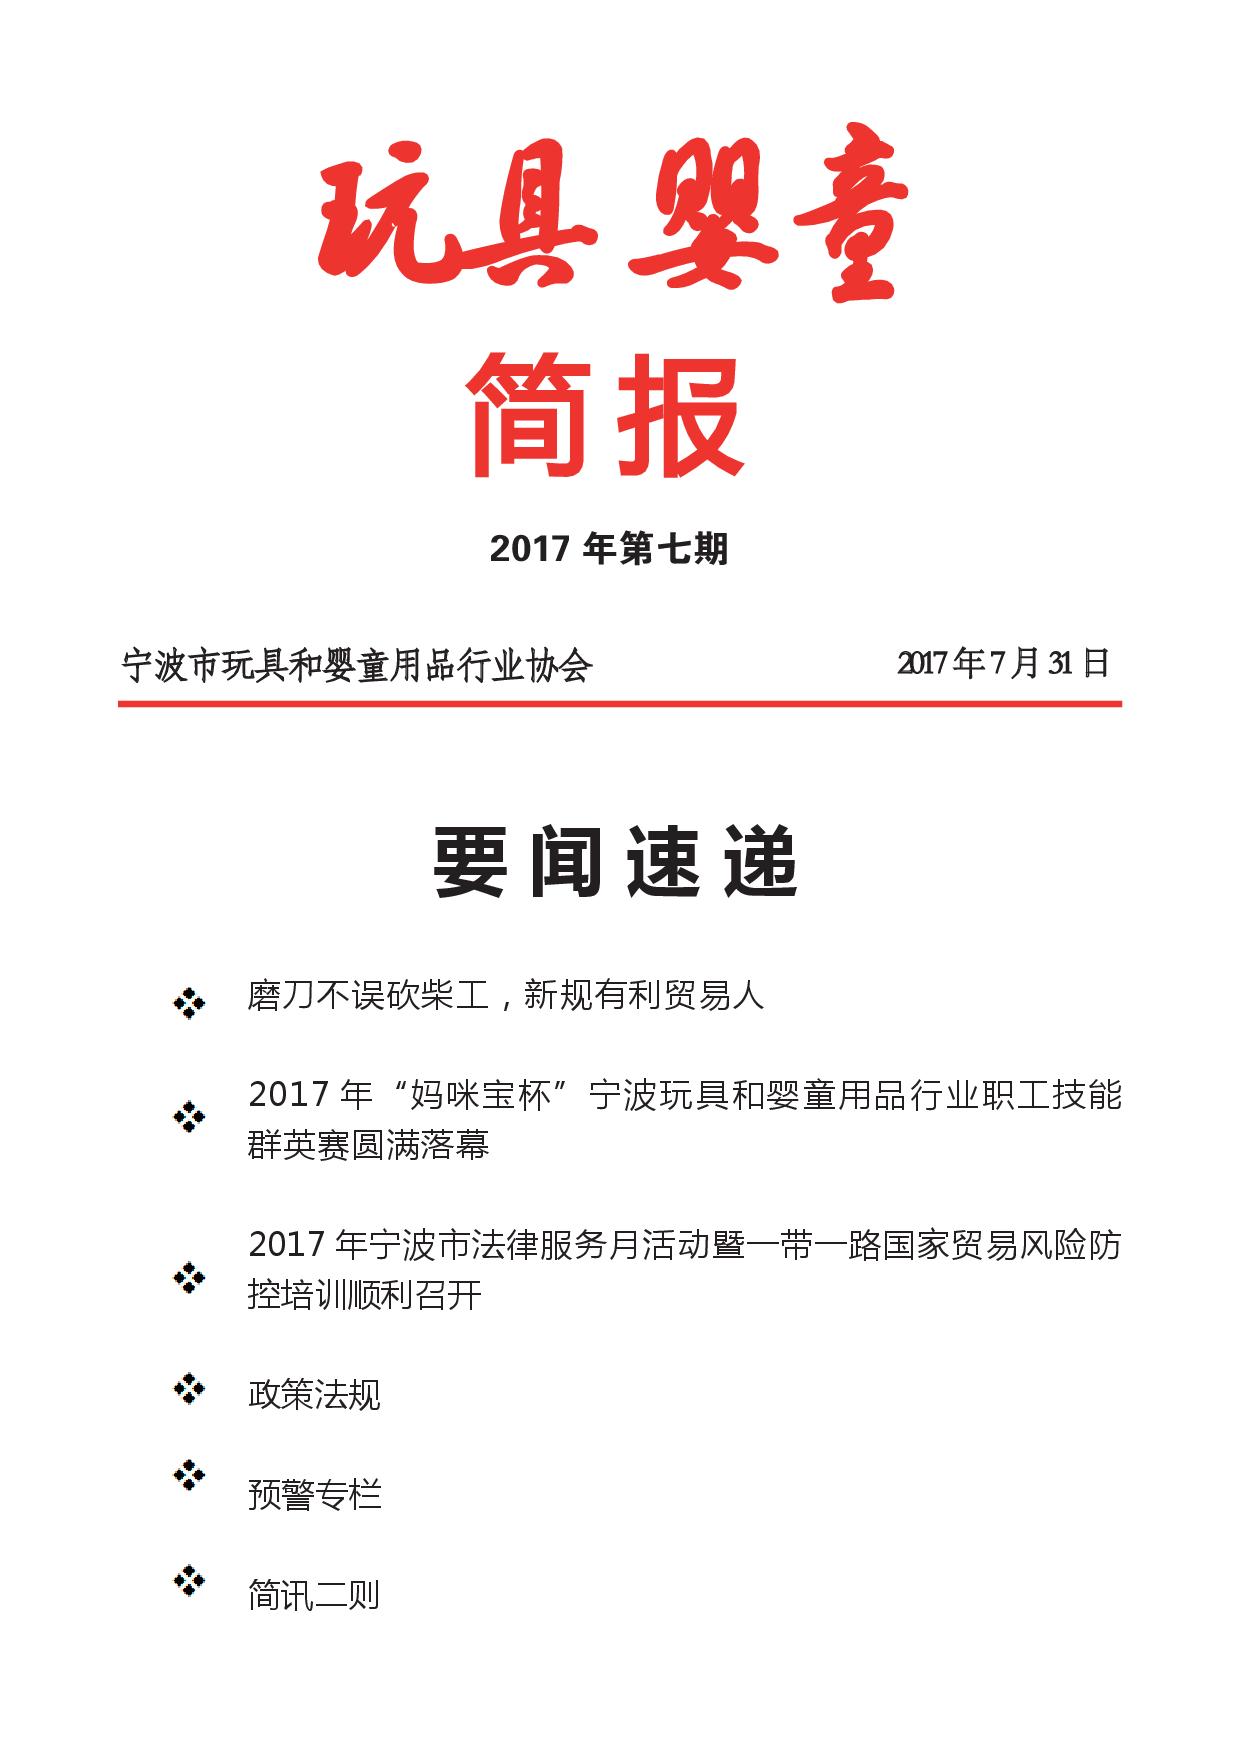 2017年简报第七期